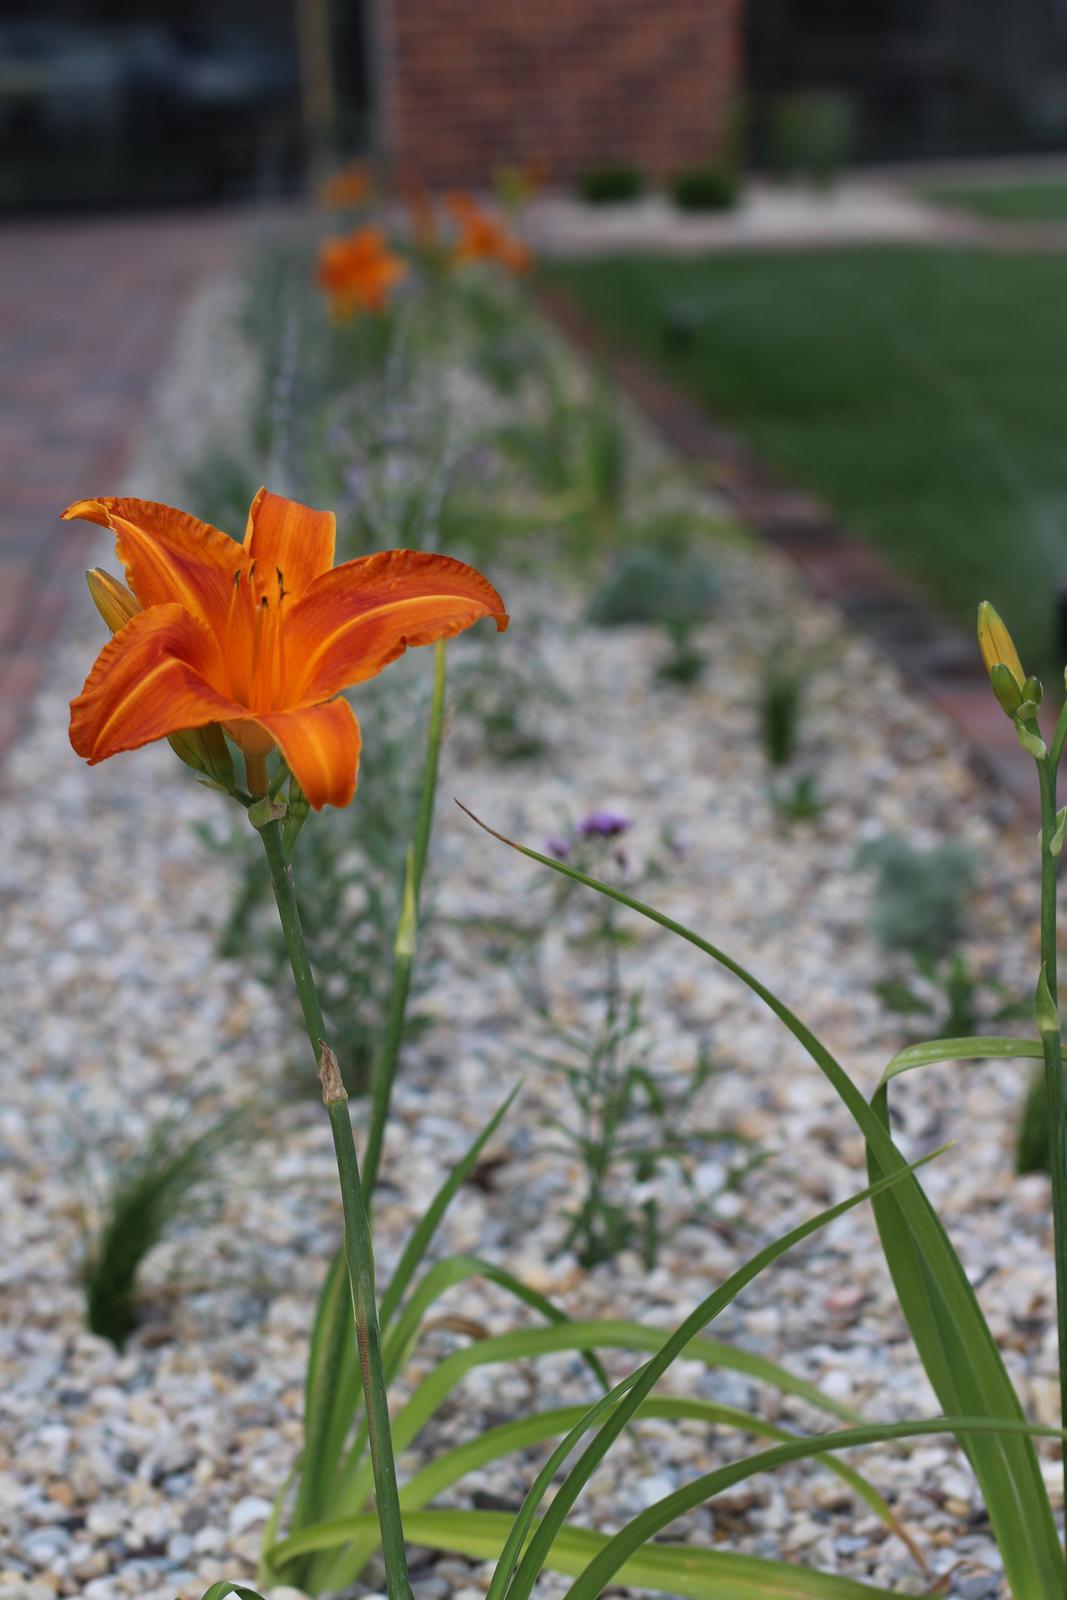 Exteriér - záhrada - Ľaliovky potešili :-)